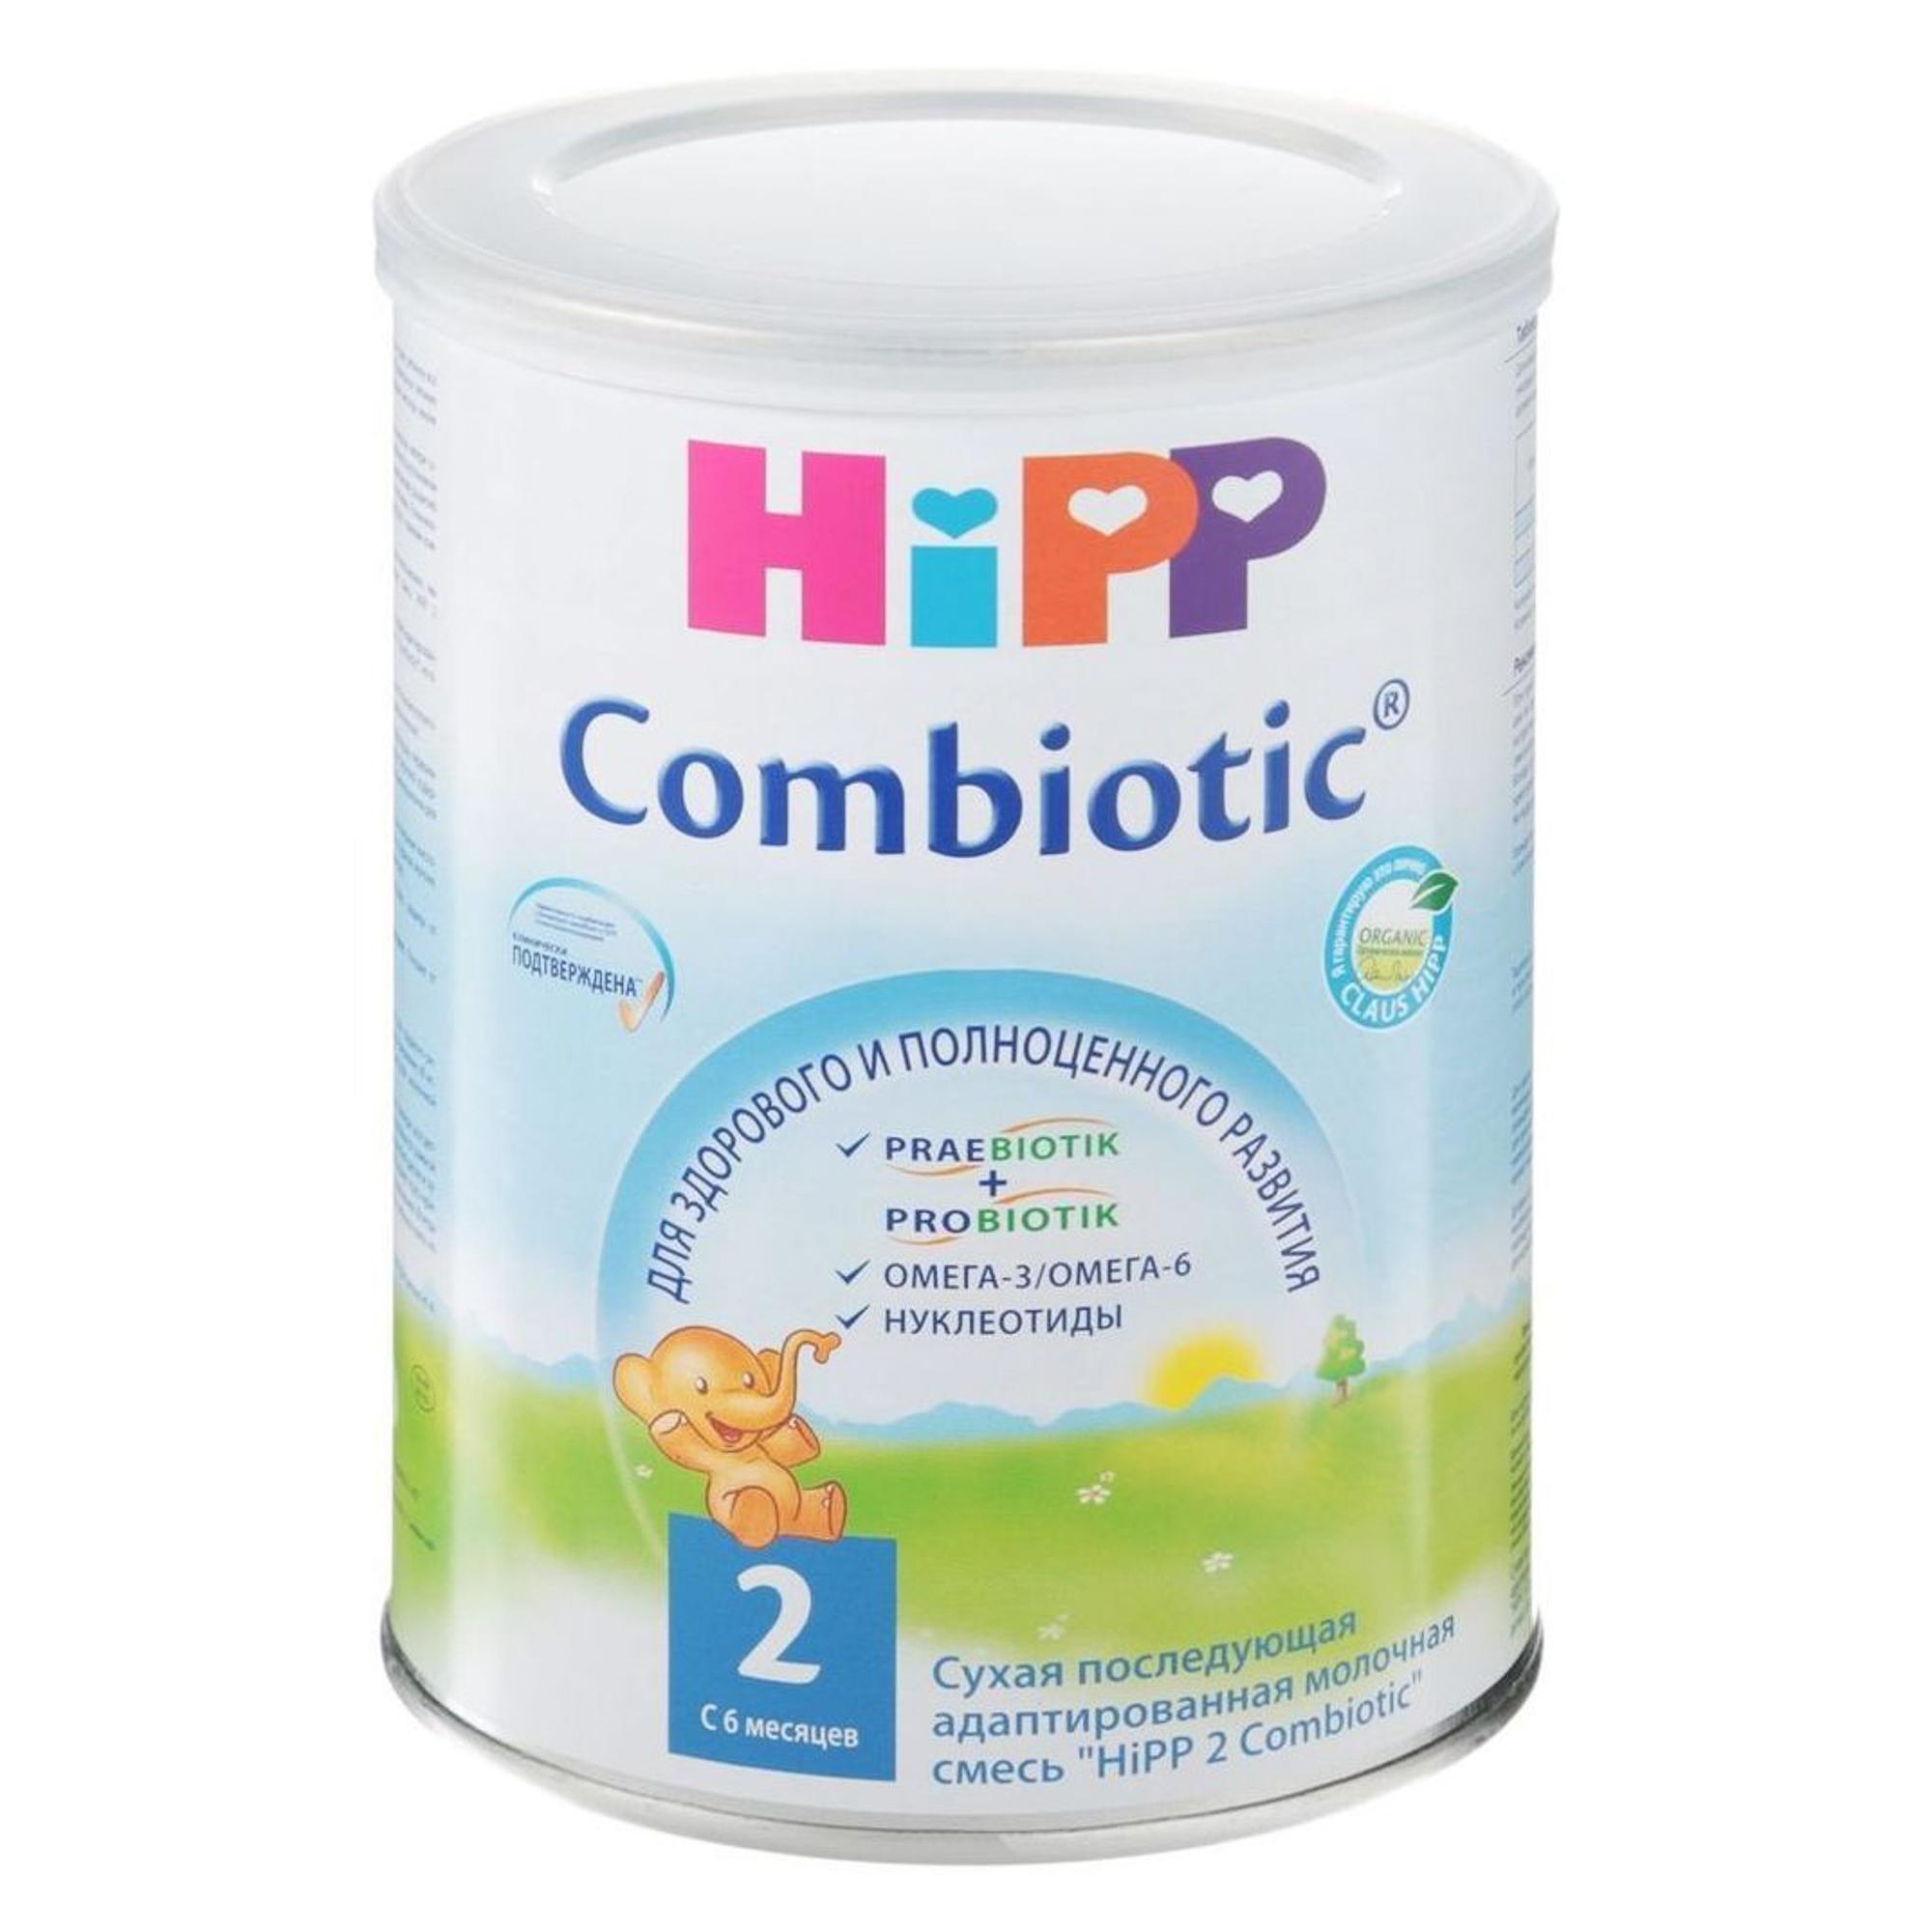 Смесь молочная Hipp 2 Сombiotic с 6 до 12 месяцев 350 г